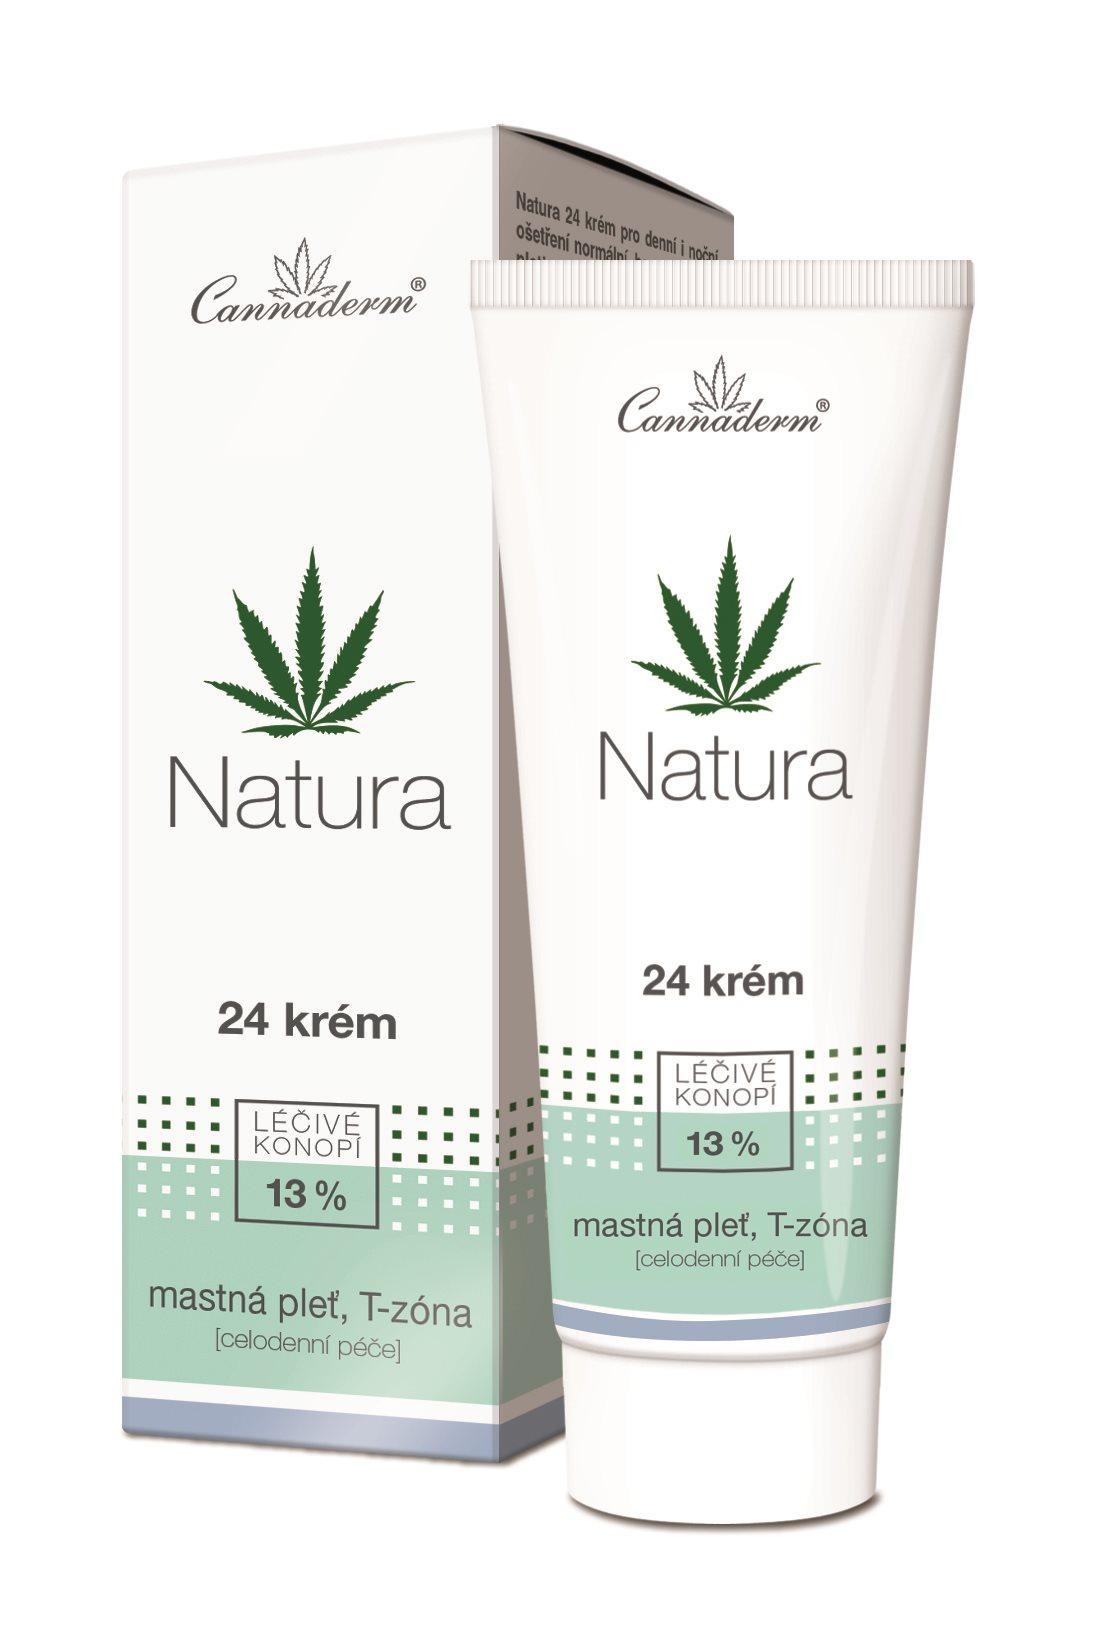 CANNADERM Natura 24 Krém zsíros bőrre 75 g